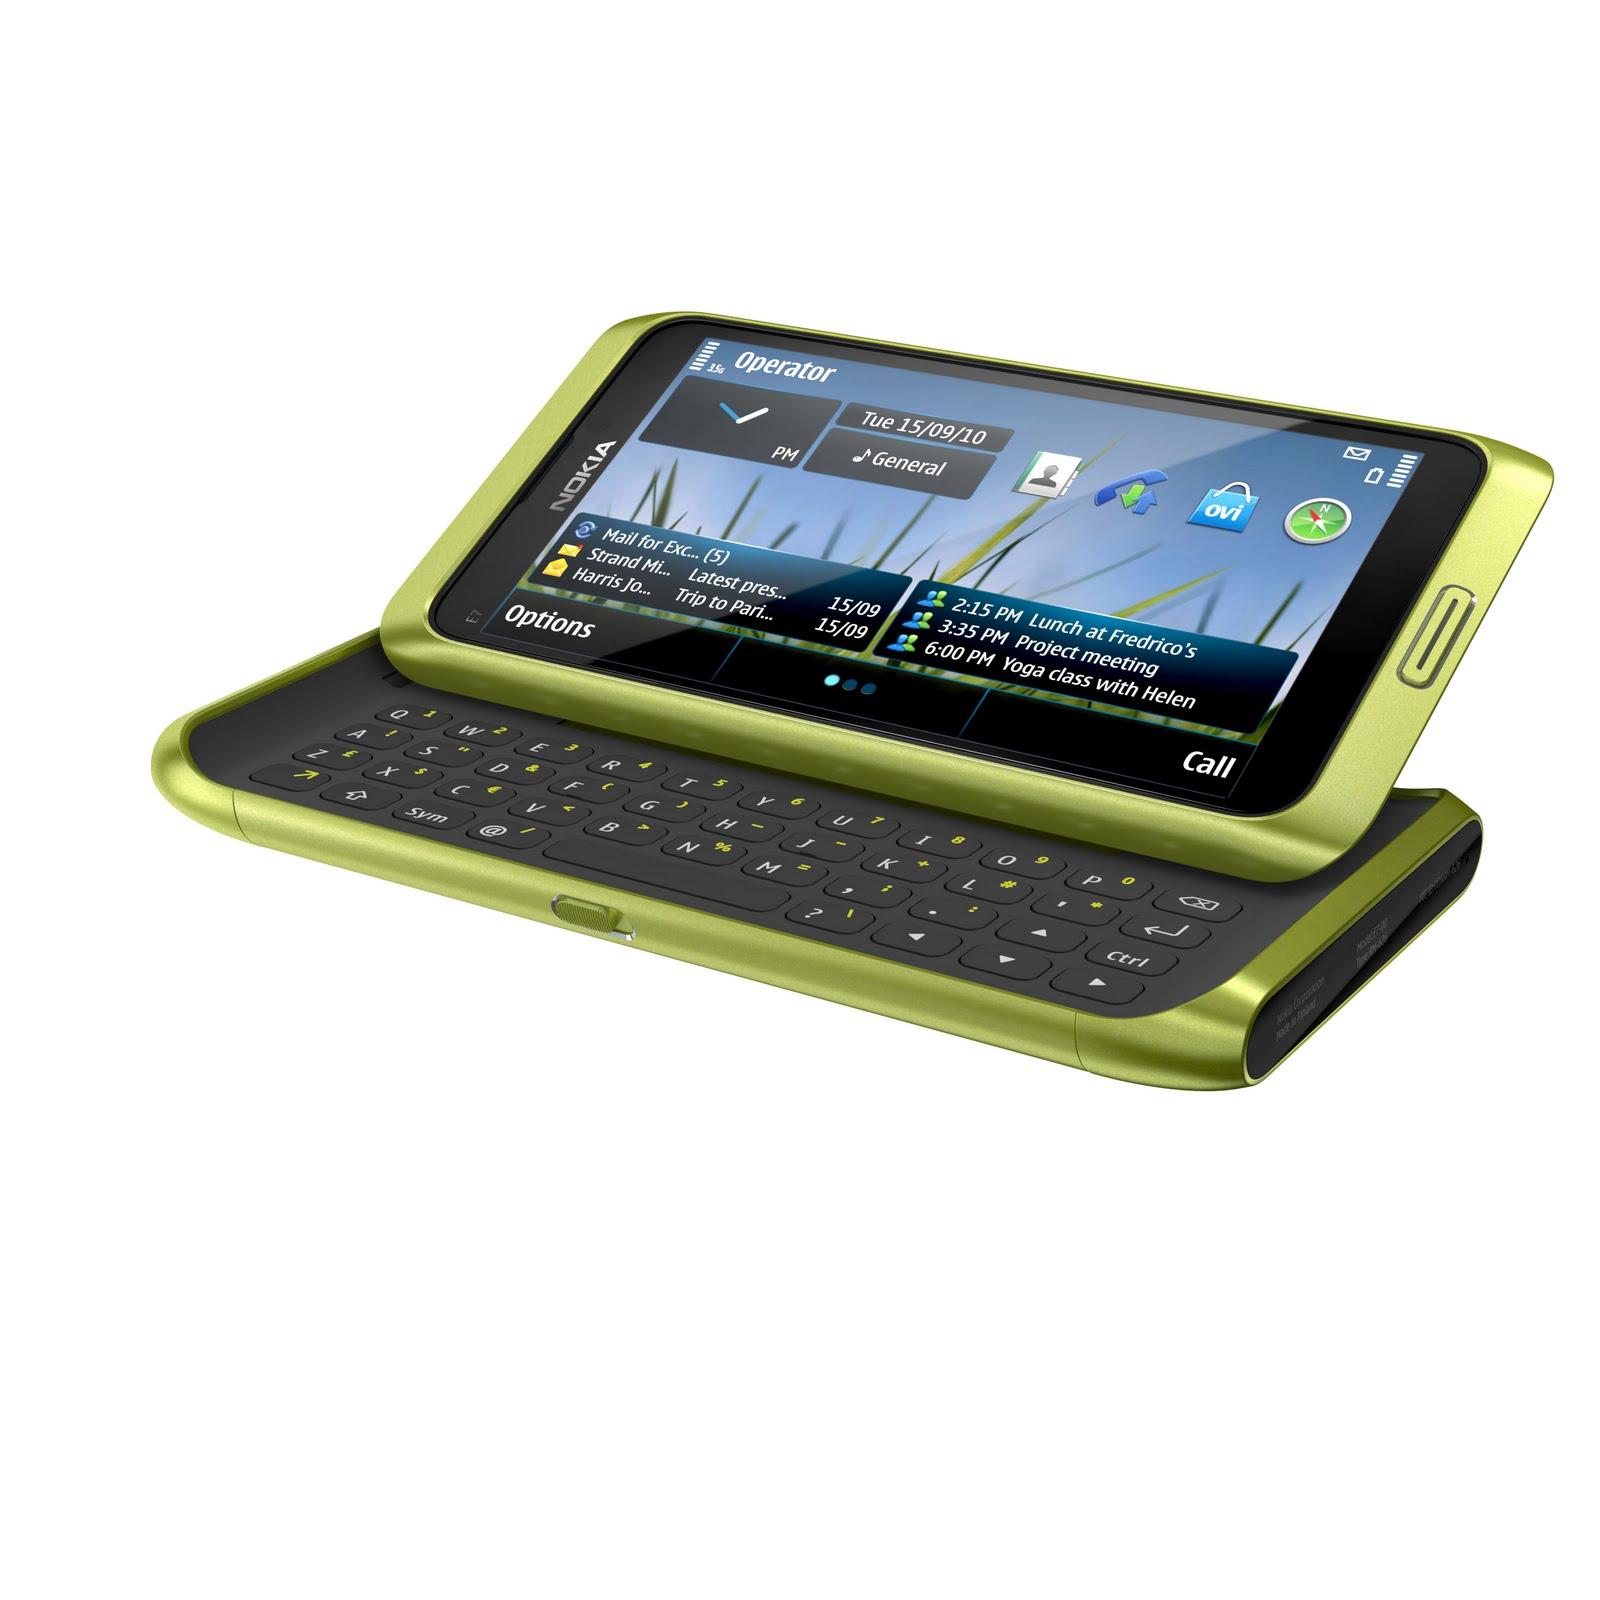 http://1.bp.blogspot.com/_65hrElHN4VE/TJG4okpbLPI/AAAAAAAAGUI/Qt7rfl_WITU/s1600/Nokia+E7_green.jpg